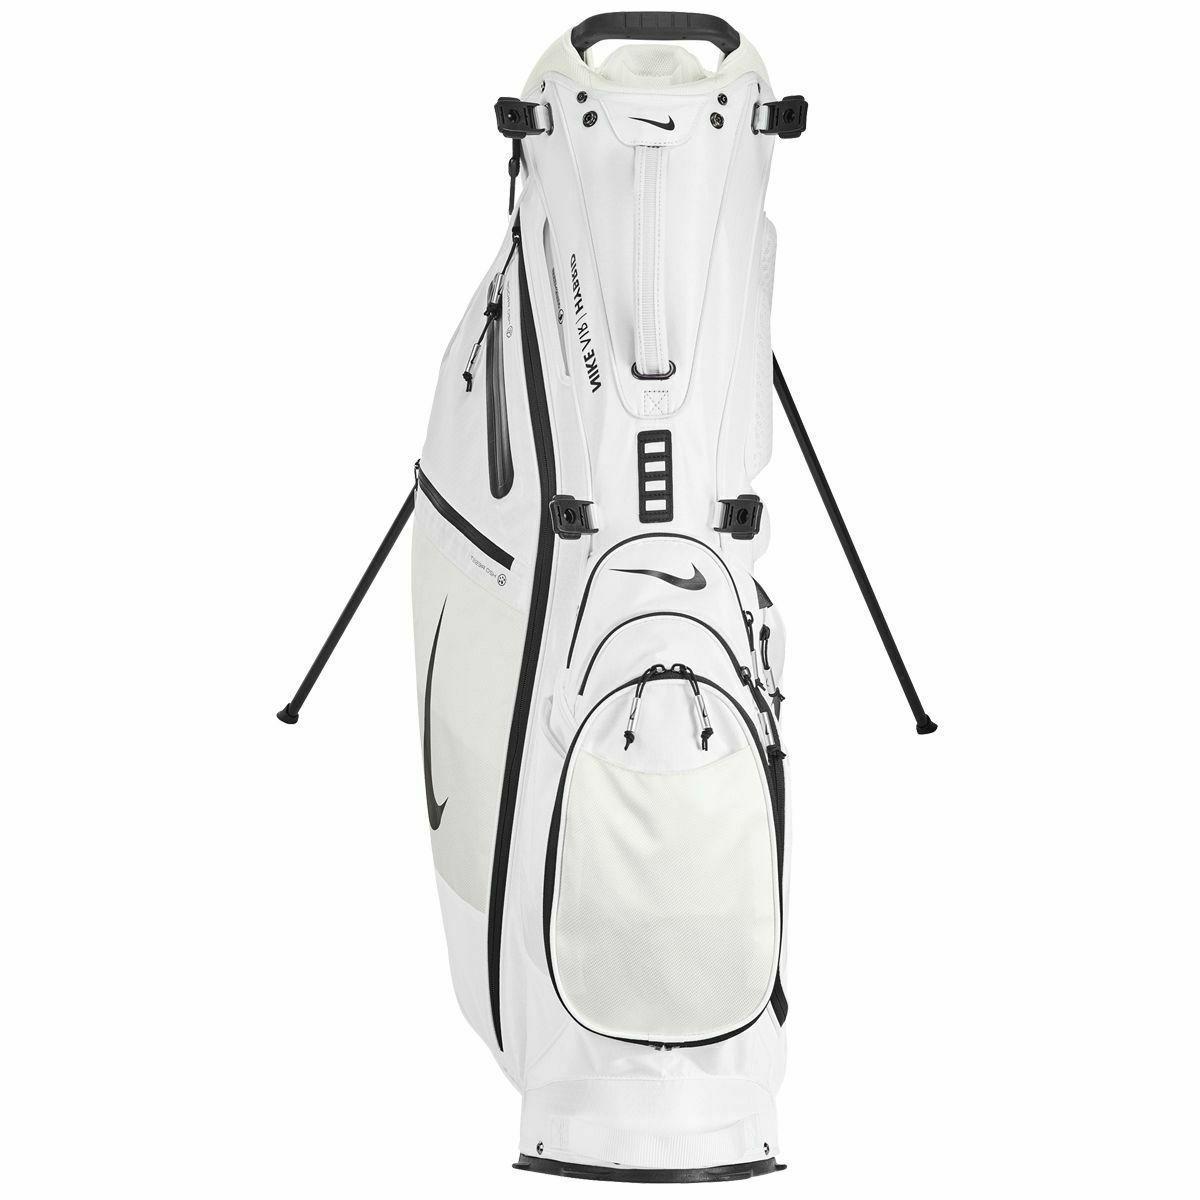 NEW 2020 Hybrid Carry Golf White/Black